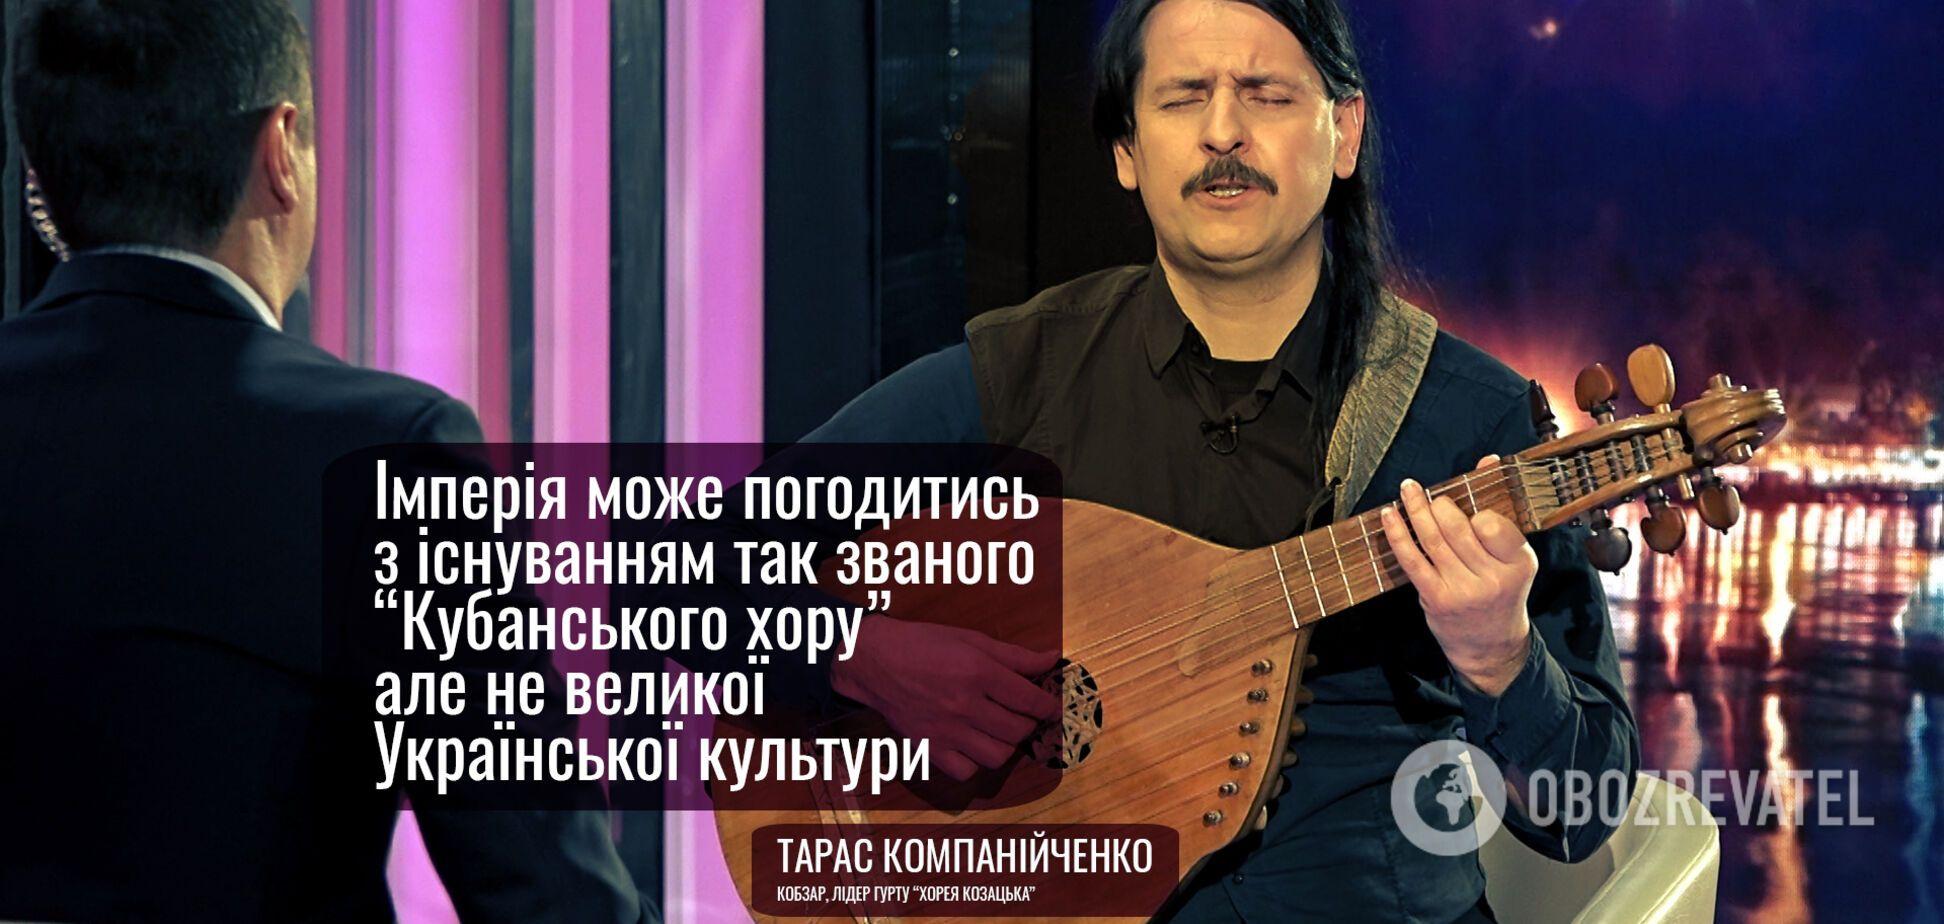 Про глибину та аристократизм української пісні та нездоланність України